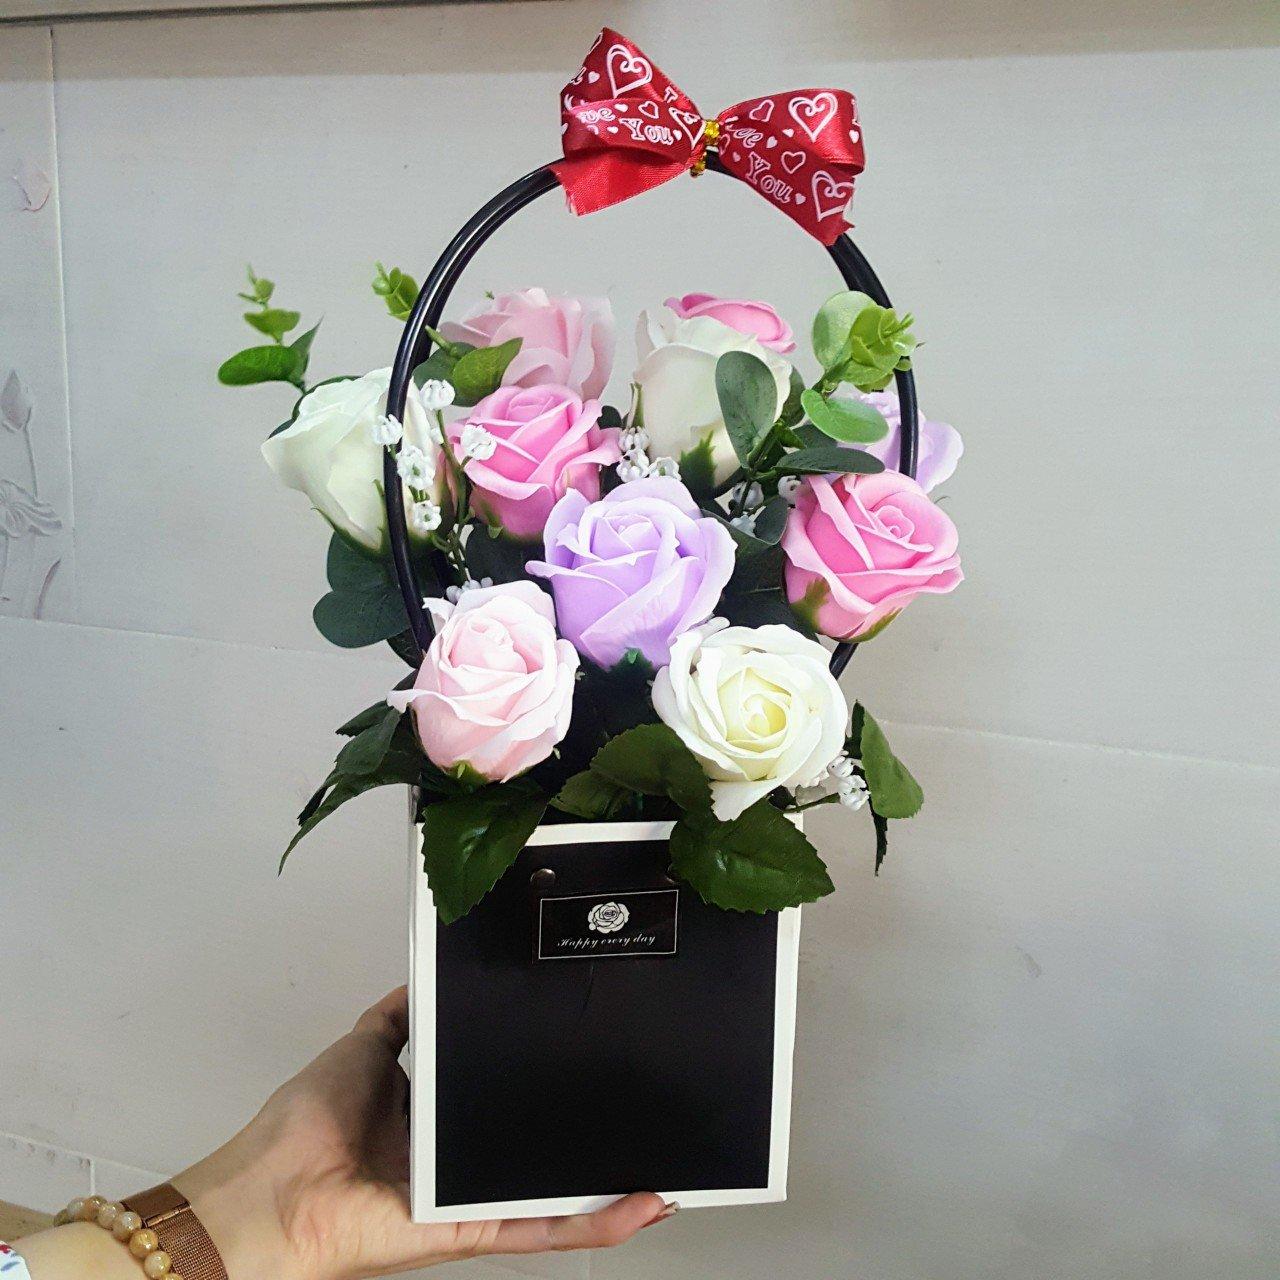 Giỏ hoa sáp quà tặng 8-3 kèm thiệp - H060